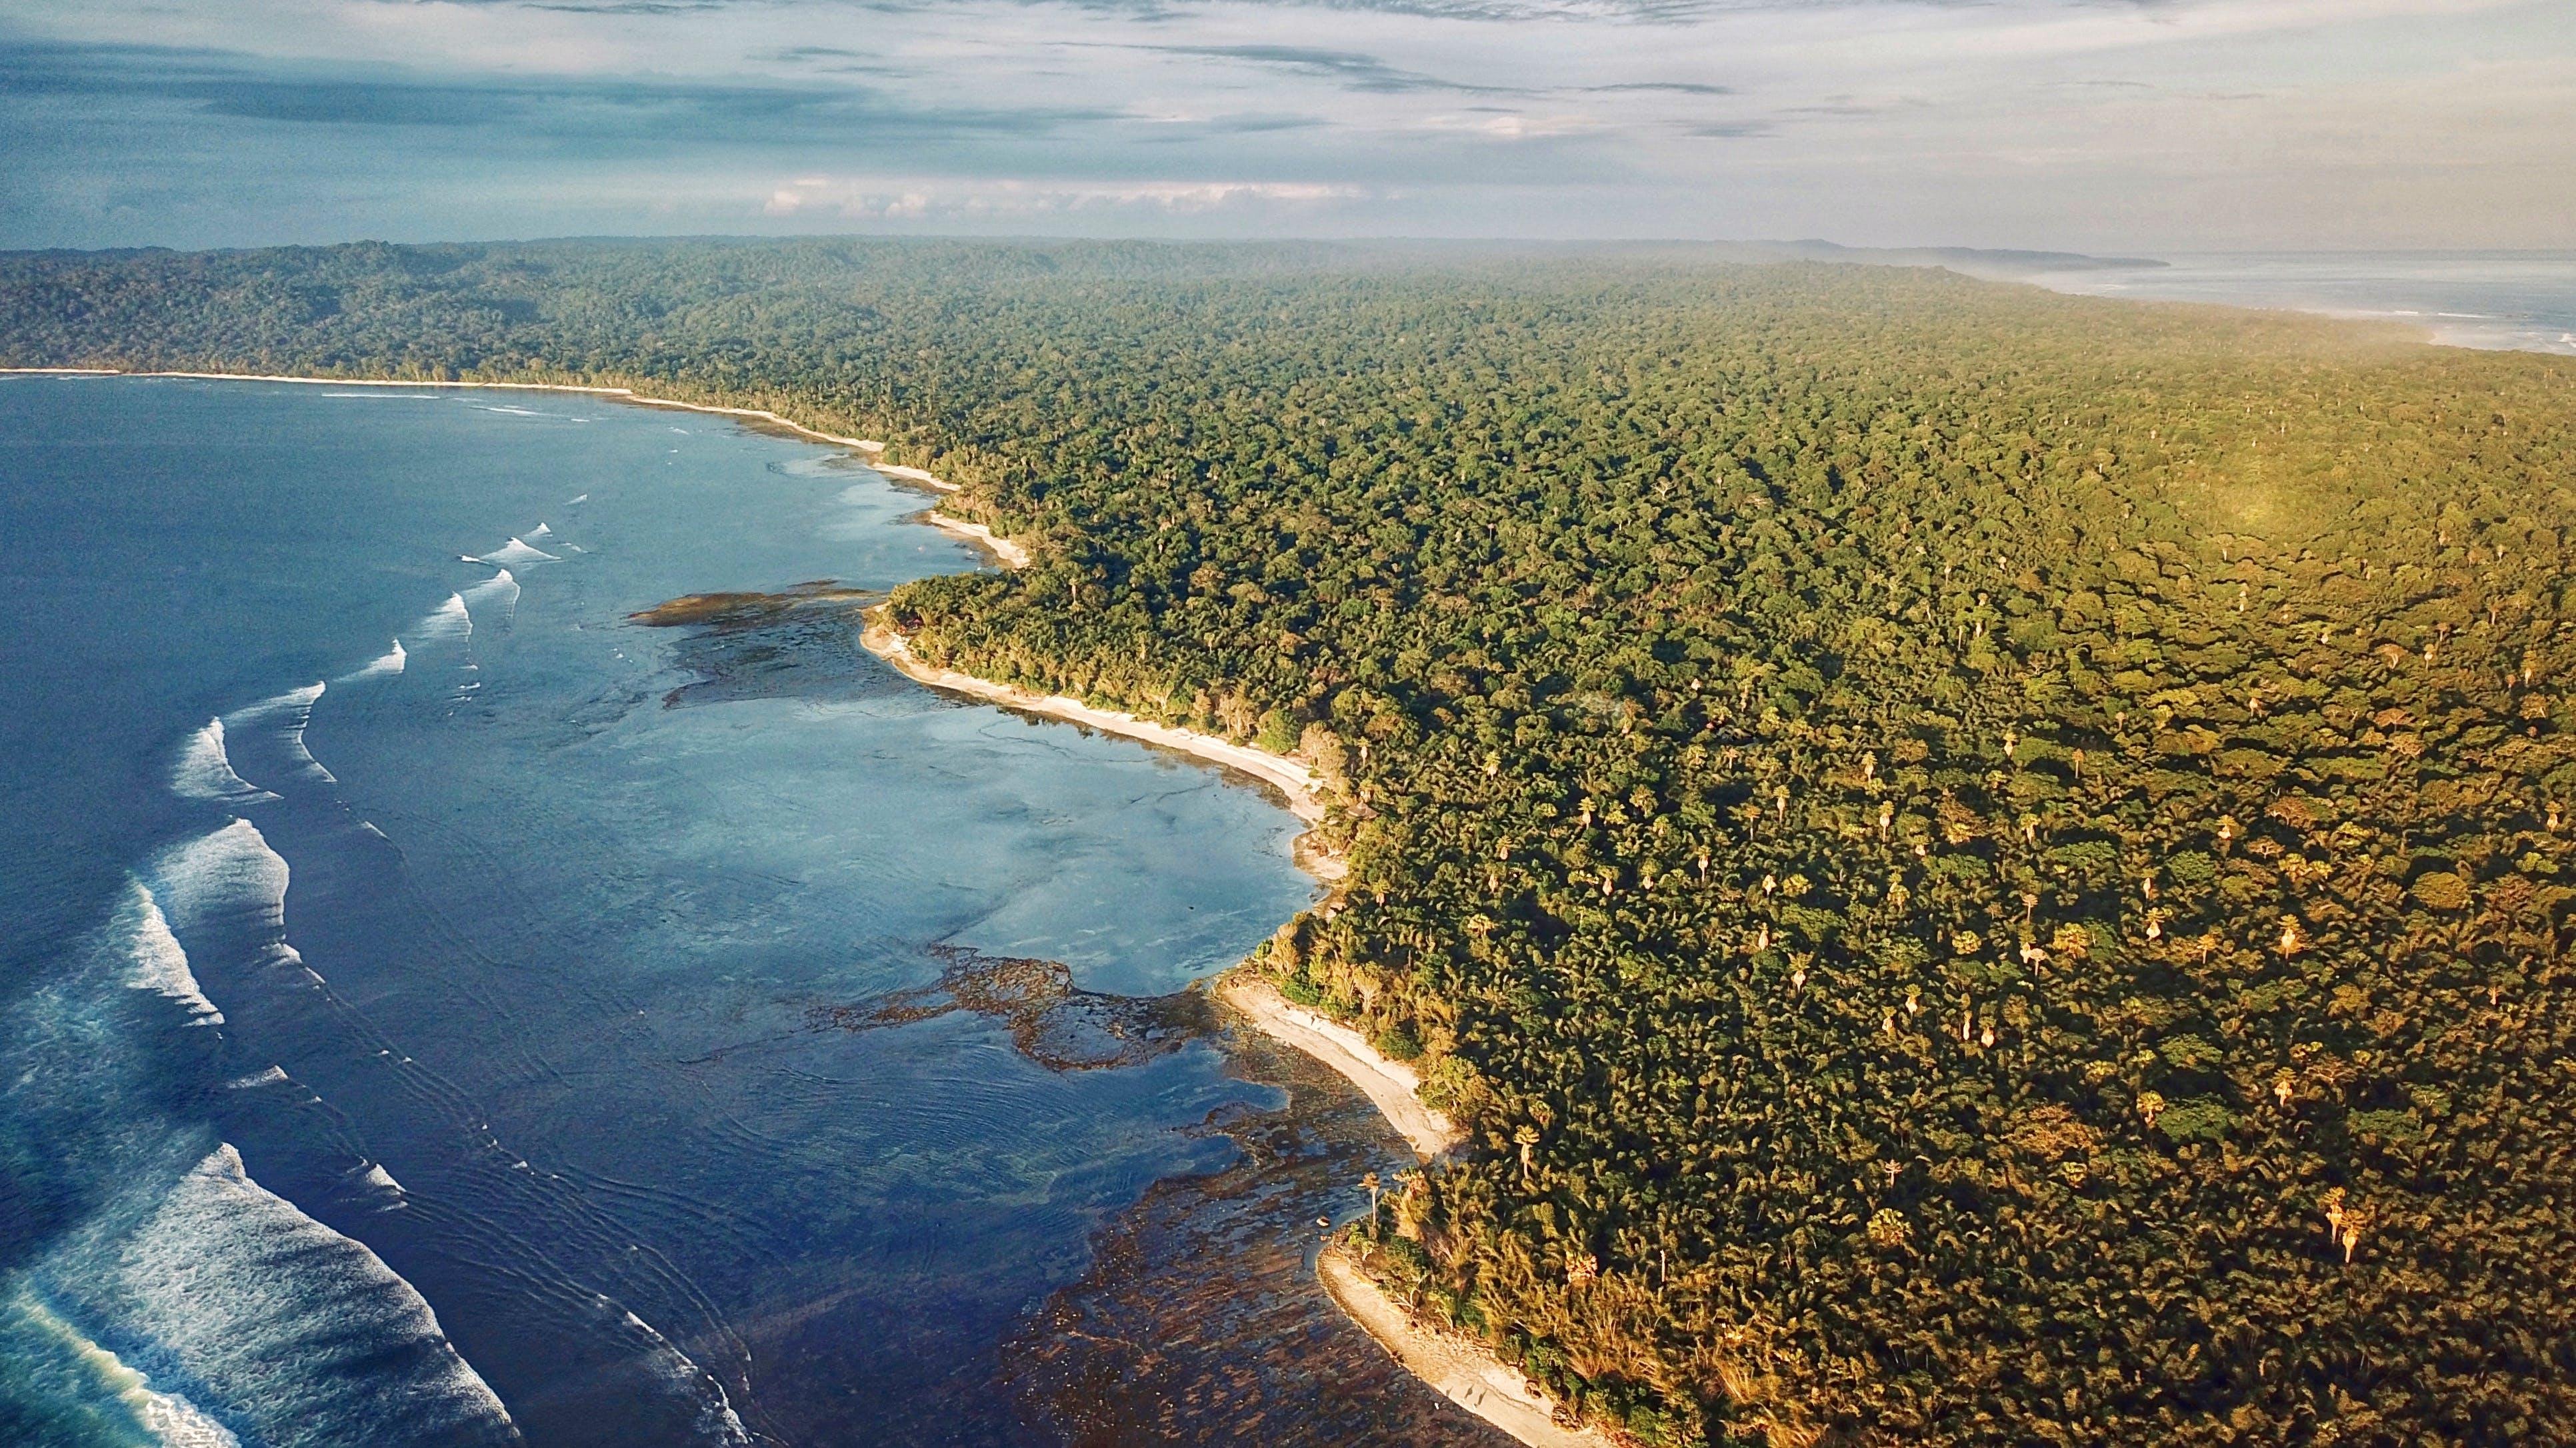 Gratis lagerfoto af bølger, dronefotografering, hav, havudsigt